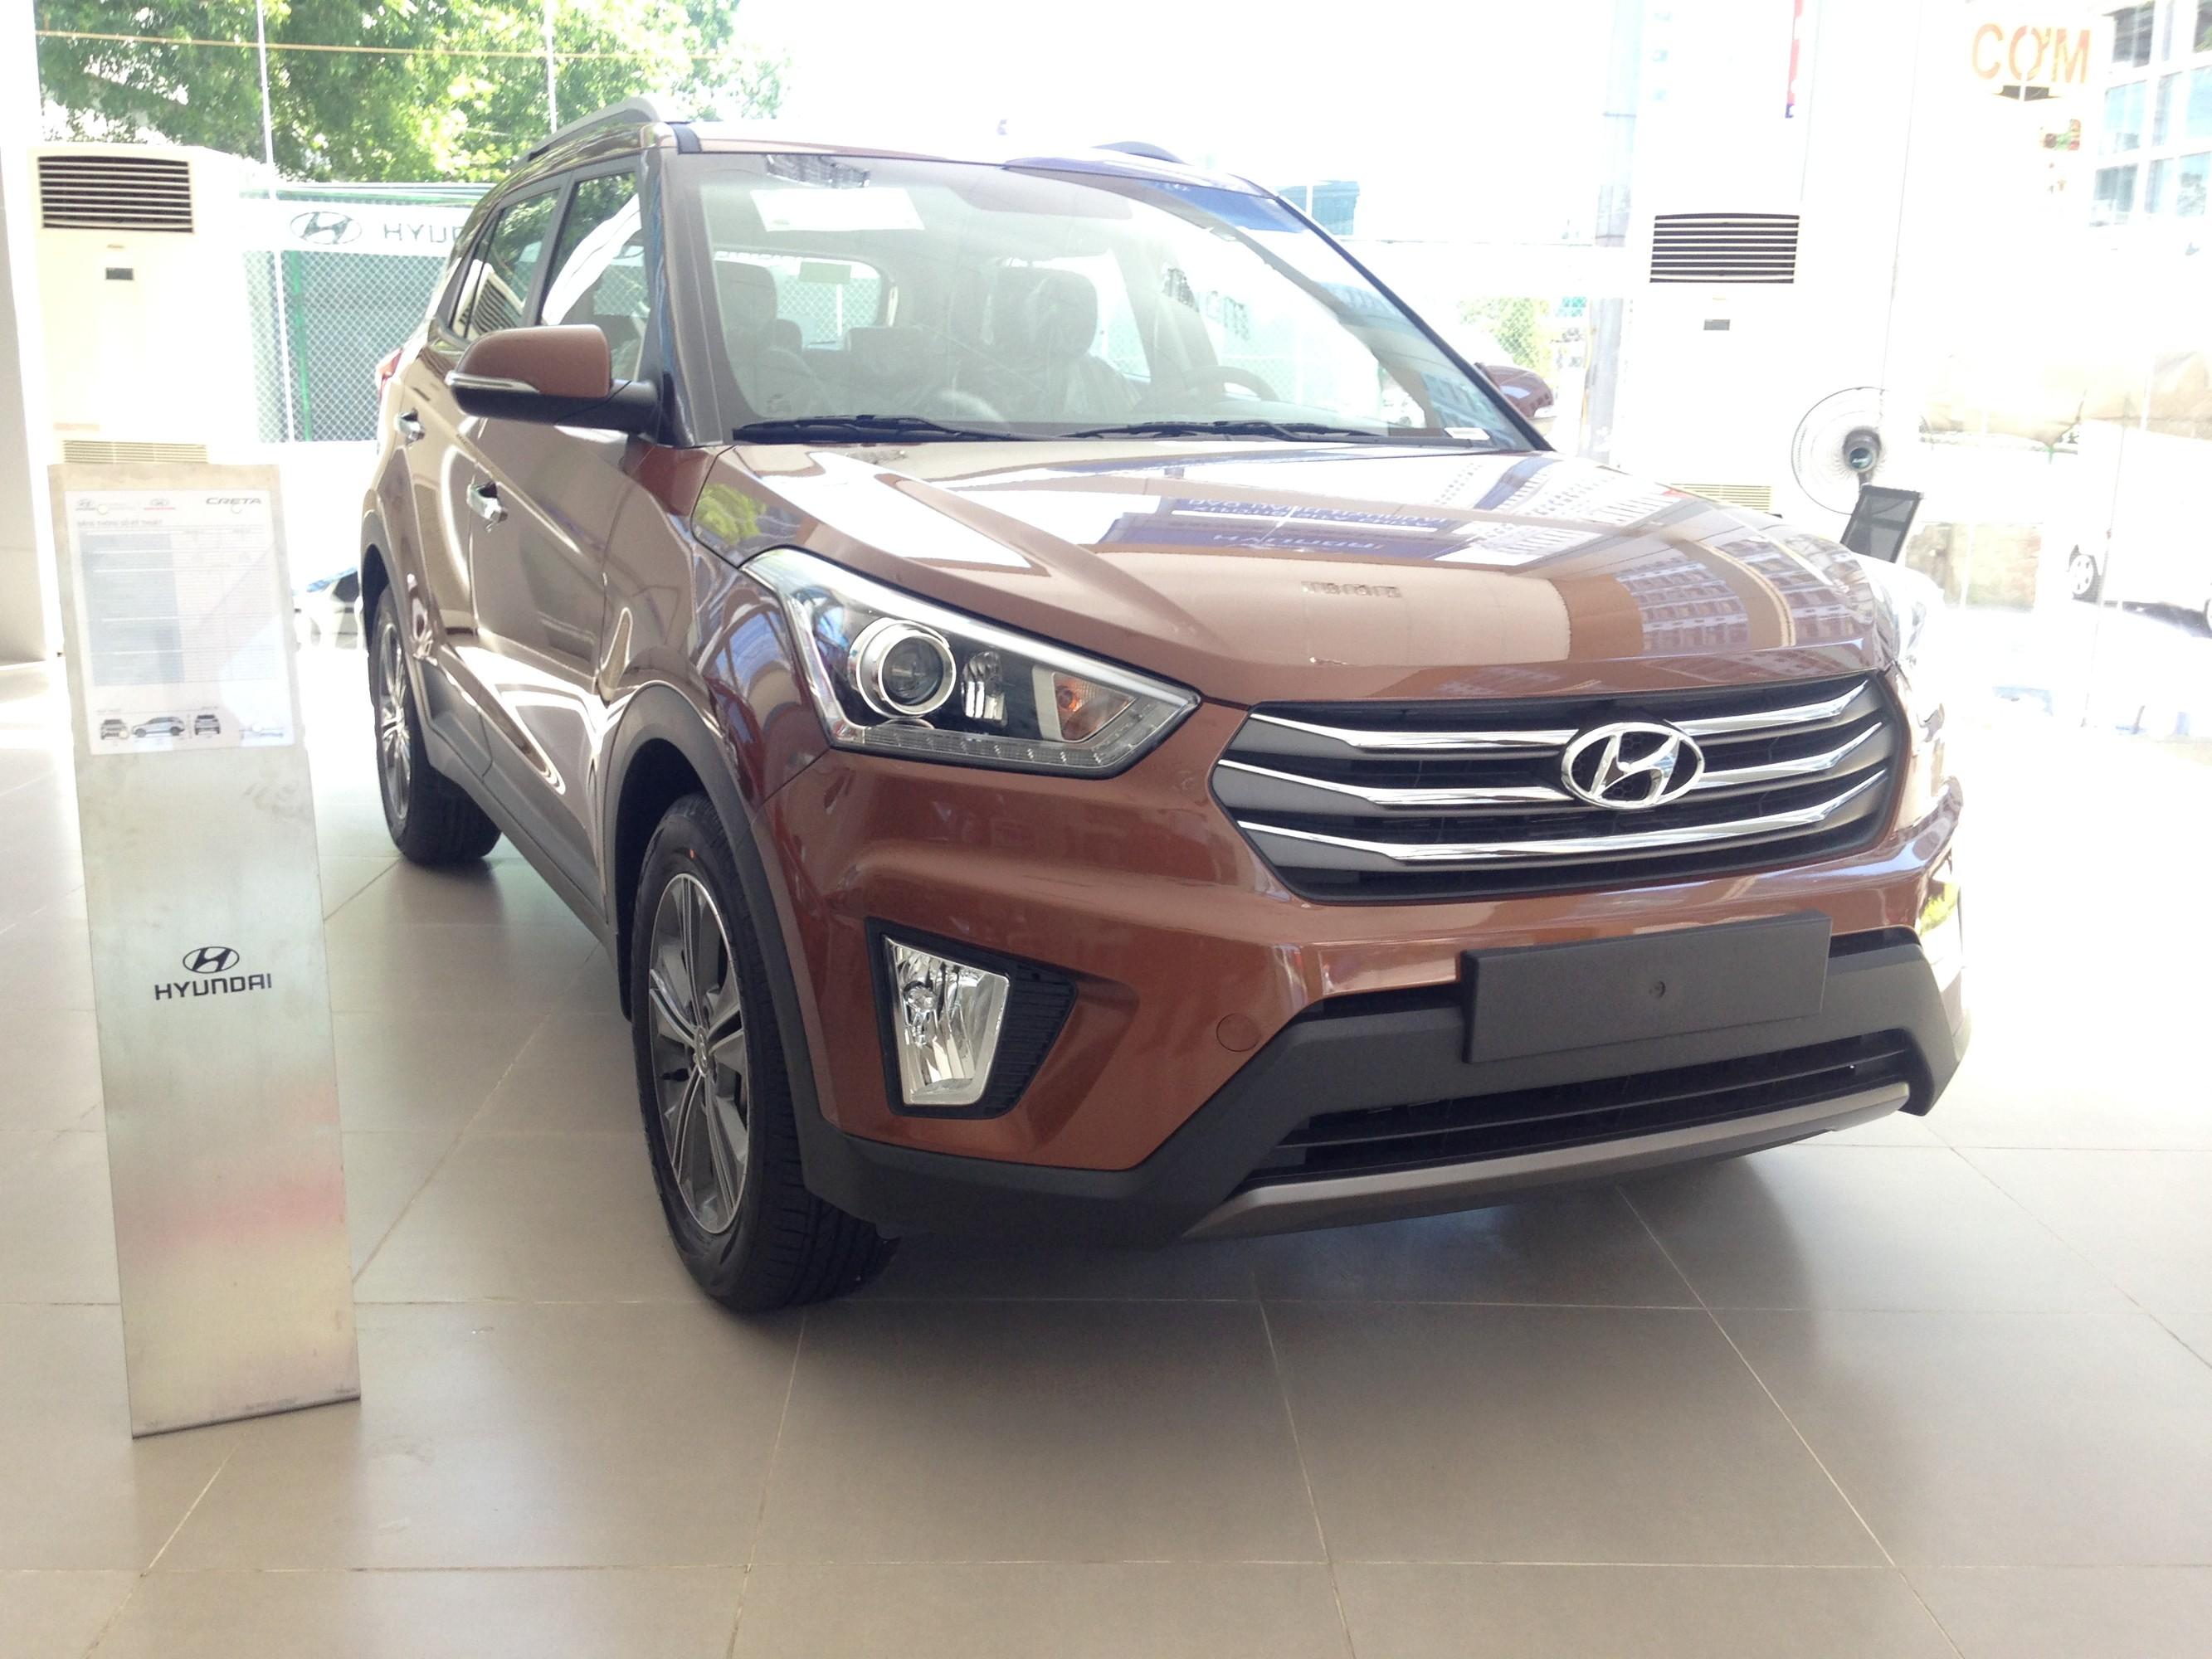 Hyundai Lê Văn Lương, Đại lý 3S tiêu chuẩn Hyundai Thành Công. Ảnh số 39113874